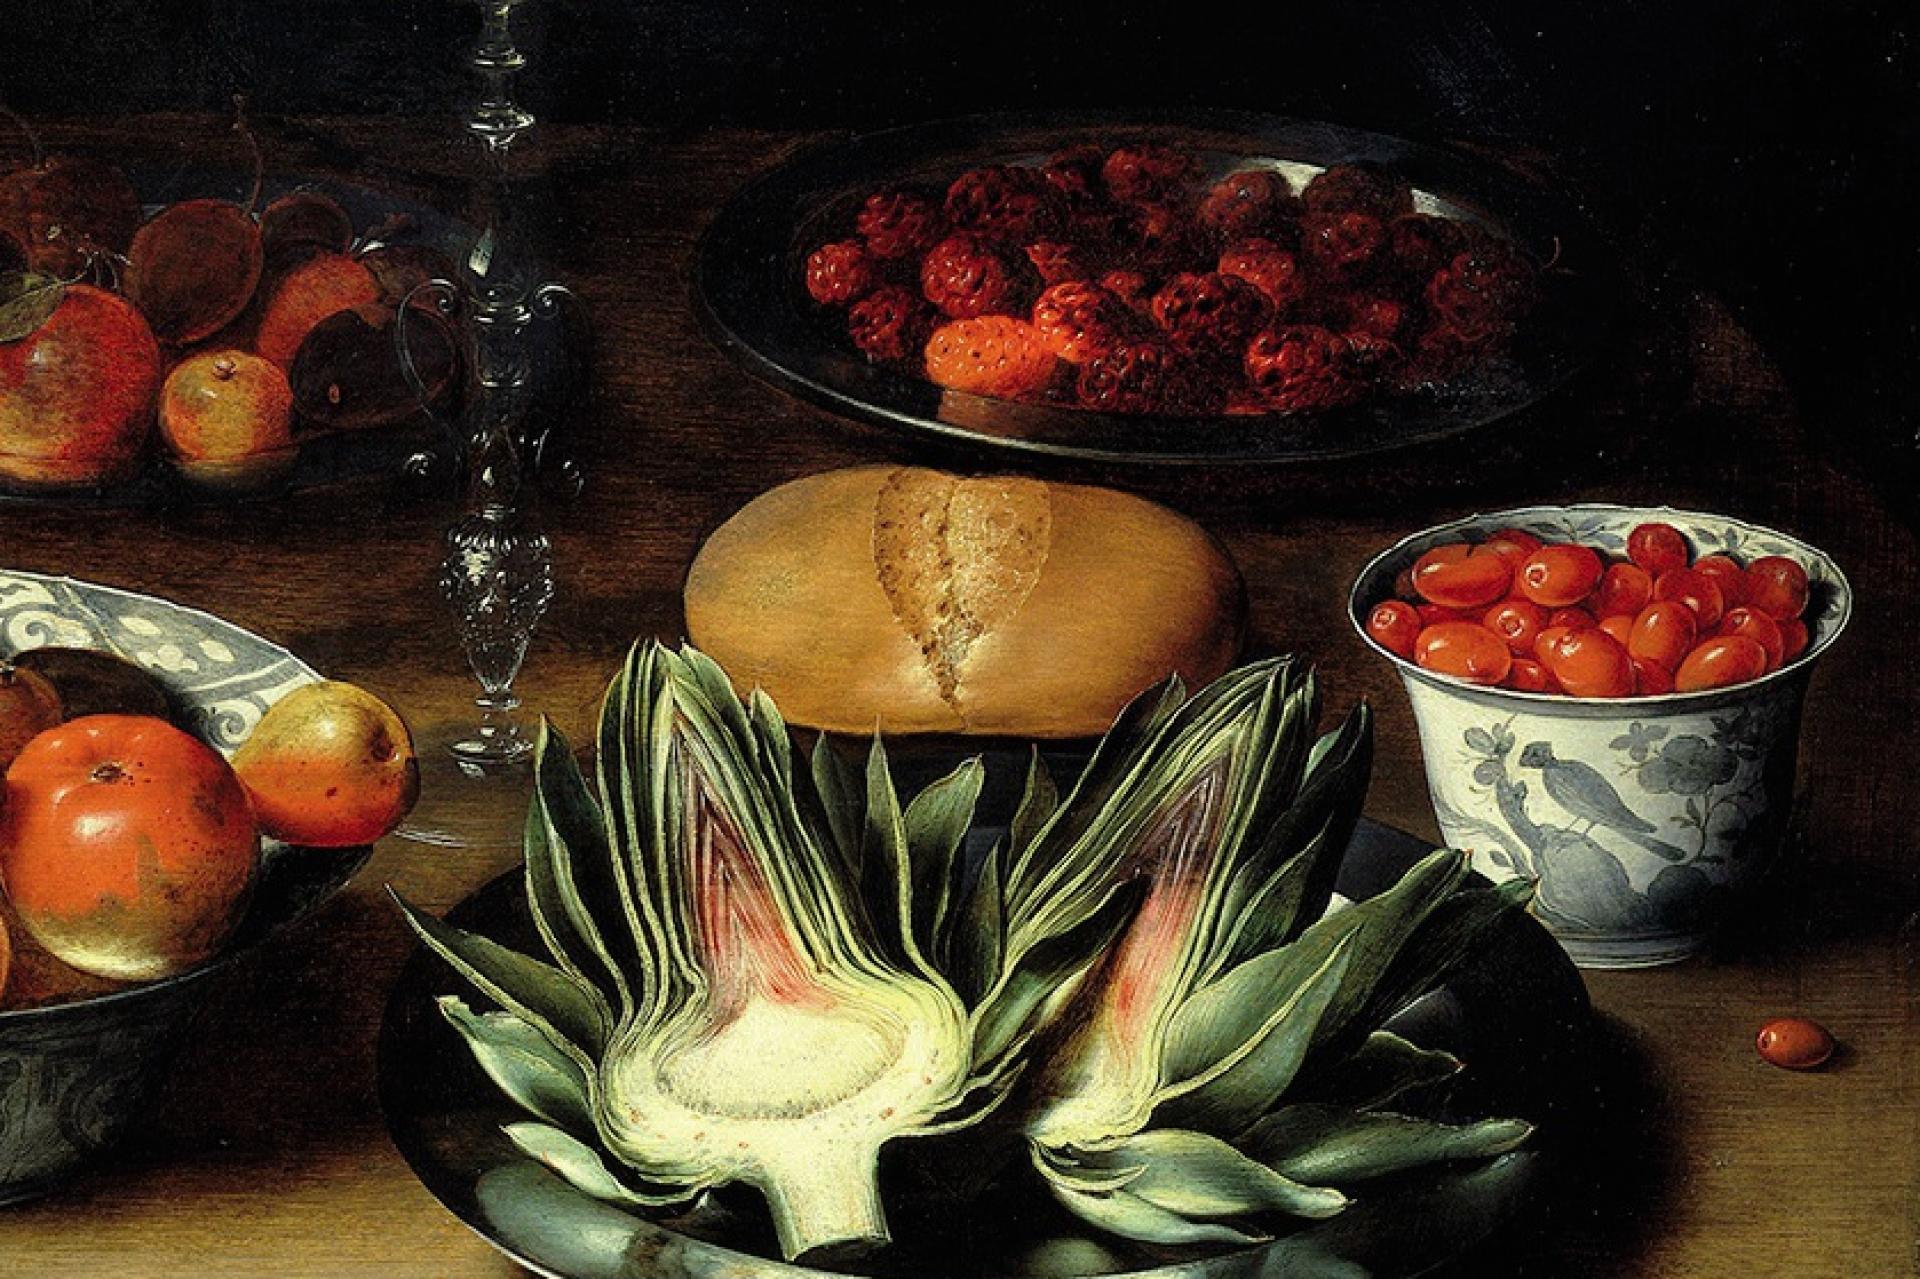 Cinq fruits et légumes par jour, déjà, dans la peinture flamande du XVIIe siècle. (Osias Beert, au Musée des beaux-arts de Grenoble.)